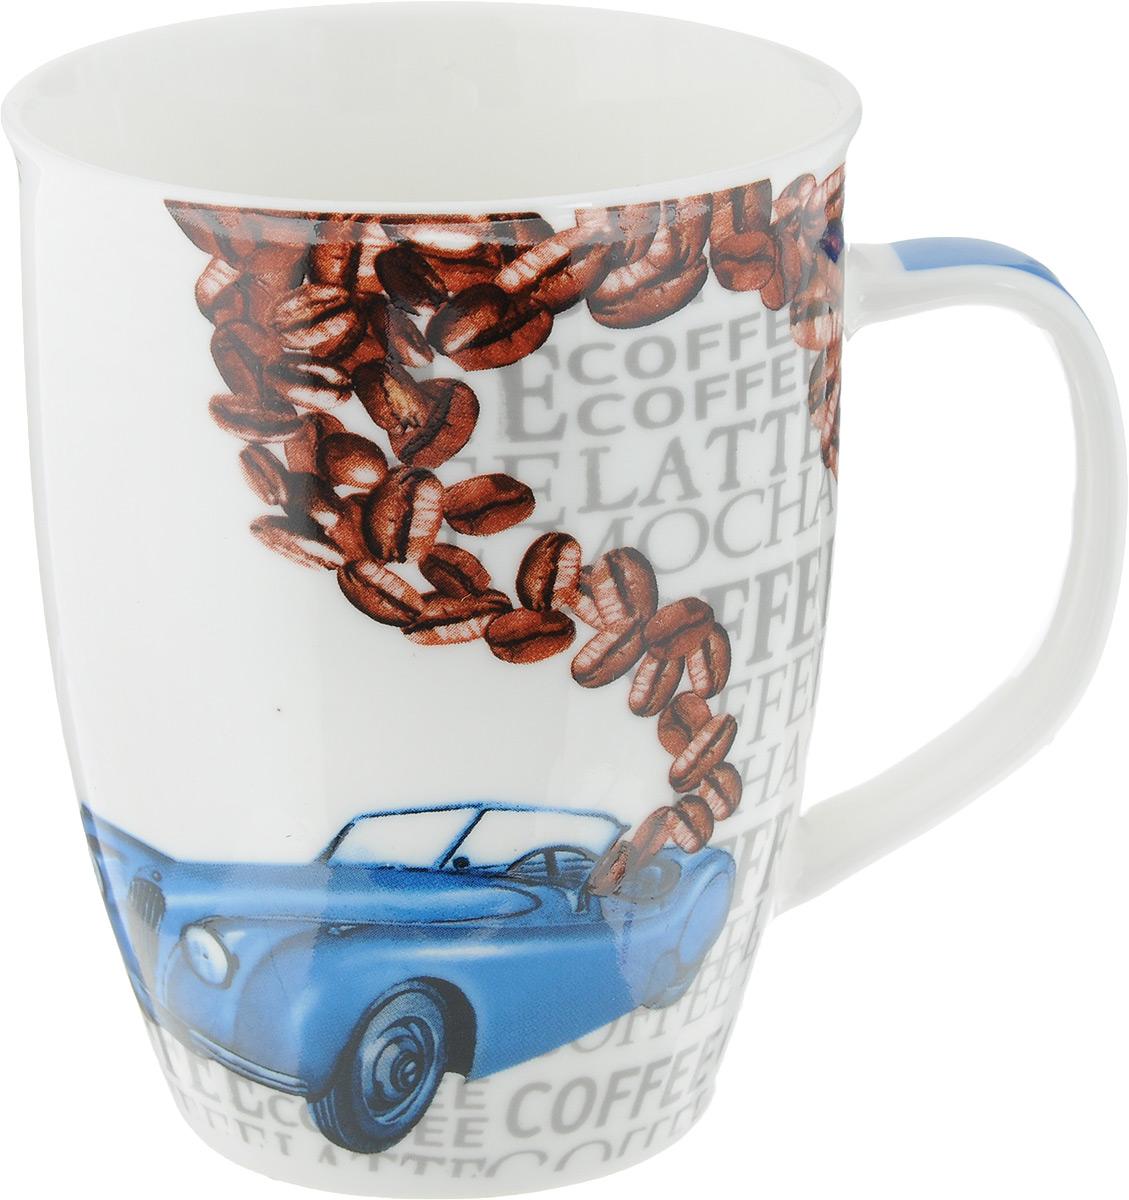 """Кружка Loraine """"Автомобиль"""" изготовлена из прочного качественного костяного фарфора. Изделие оформлено надписями и красочным рисунком. Благодаря своим термостатическим свойствам, изделие отлично сохраняет температуру содержимого - морозной зимой кружка будет согревать вас горячим чаем, а знойным летом, напротив, радовать прохладными напитками. Такой аксессуар создаст атмосферу тепла и уюта, настроит на позитивный лад и подарит хорошее настроение с самого утра. Это оригинальное изделие идеально подойдет в подарок близкому человеку. Диаметр (по верхнему краю): 8,2 см. Высота кружки: 10,5 см."""